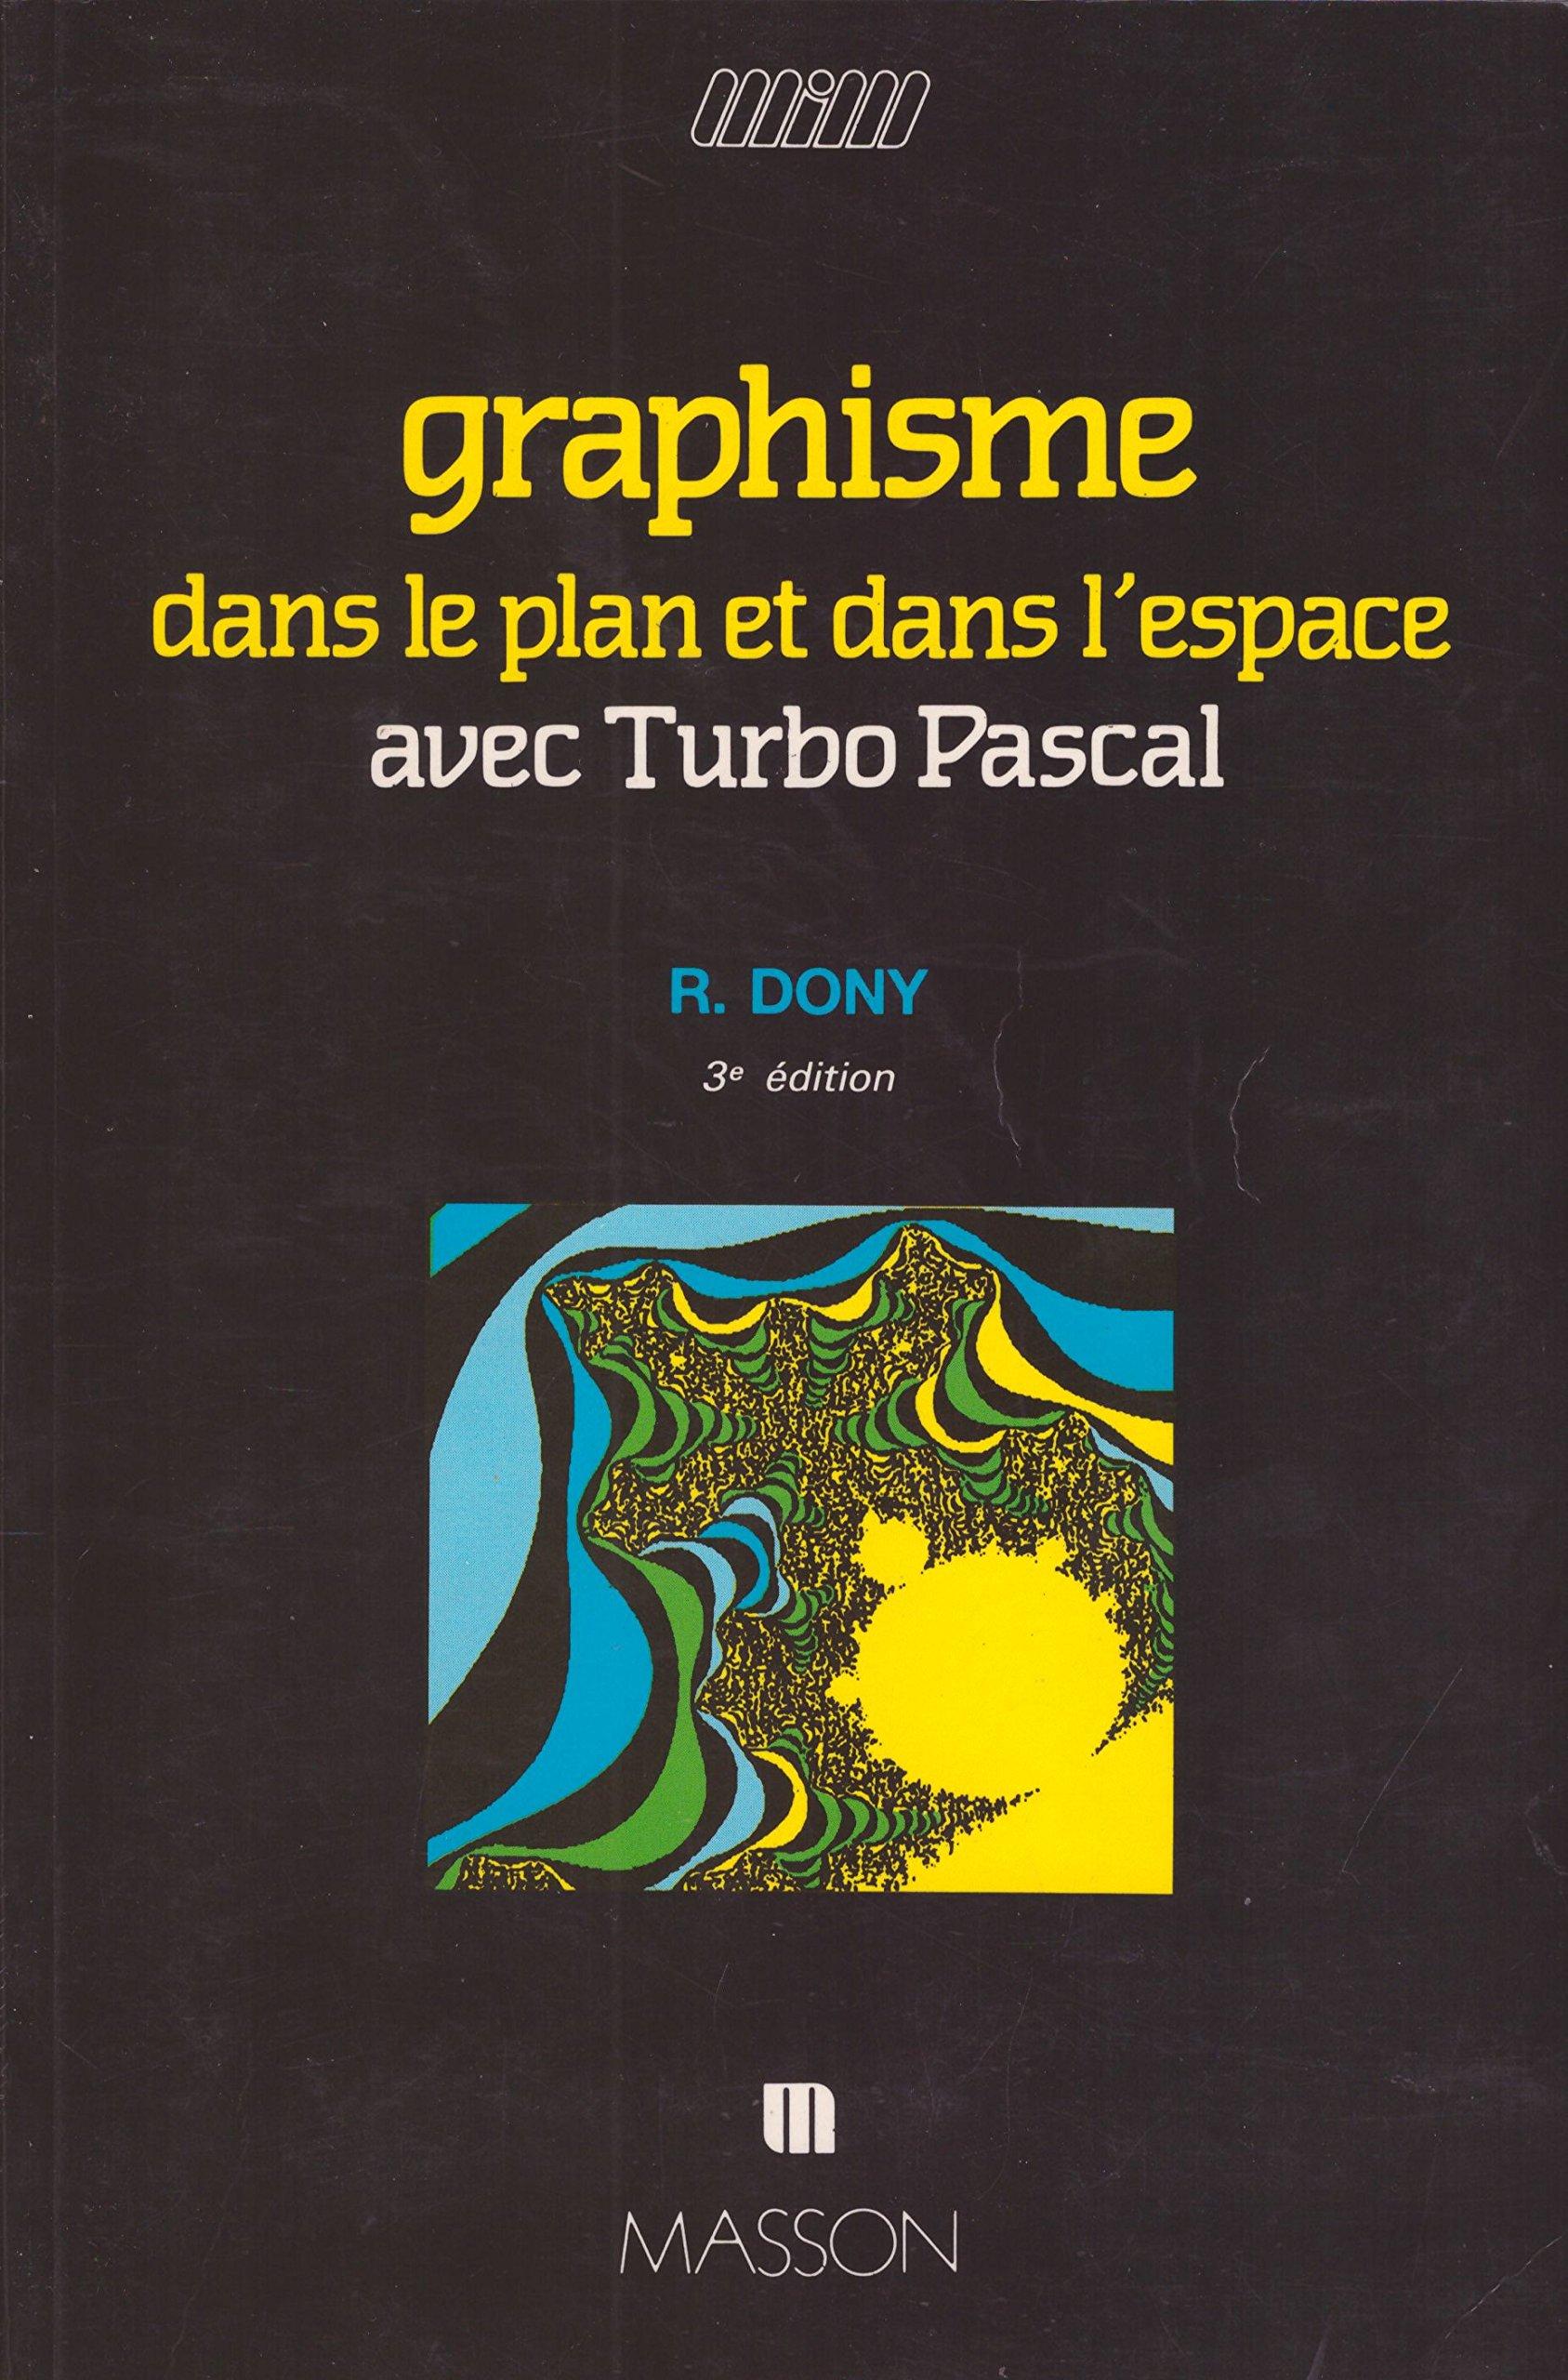 Graphisme dans le plan et dans lespace avec Turbo Pascal Manuels informatiques masson: Amazon.es: Robert Dony: Libros en idiomas extranjeros